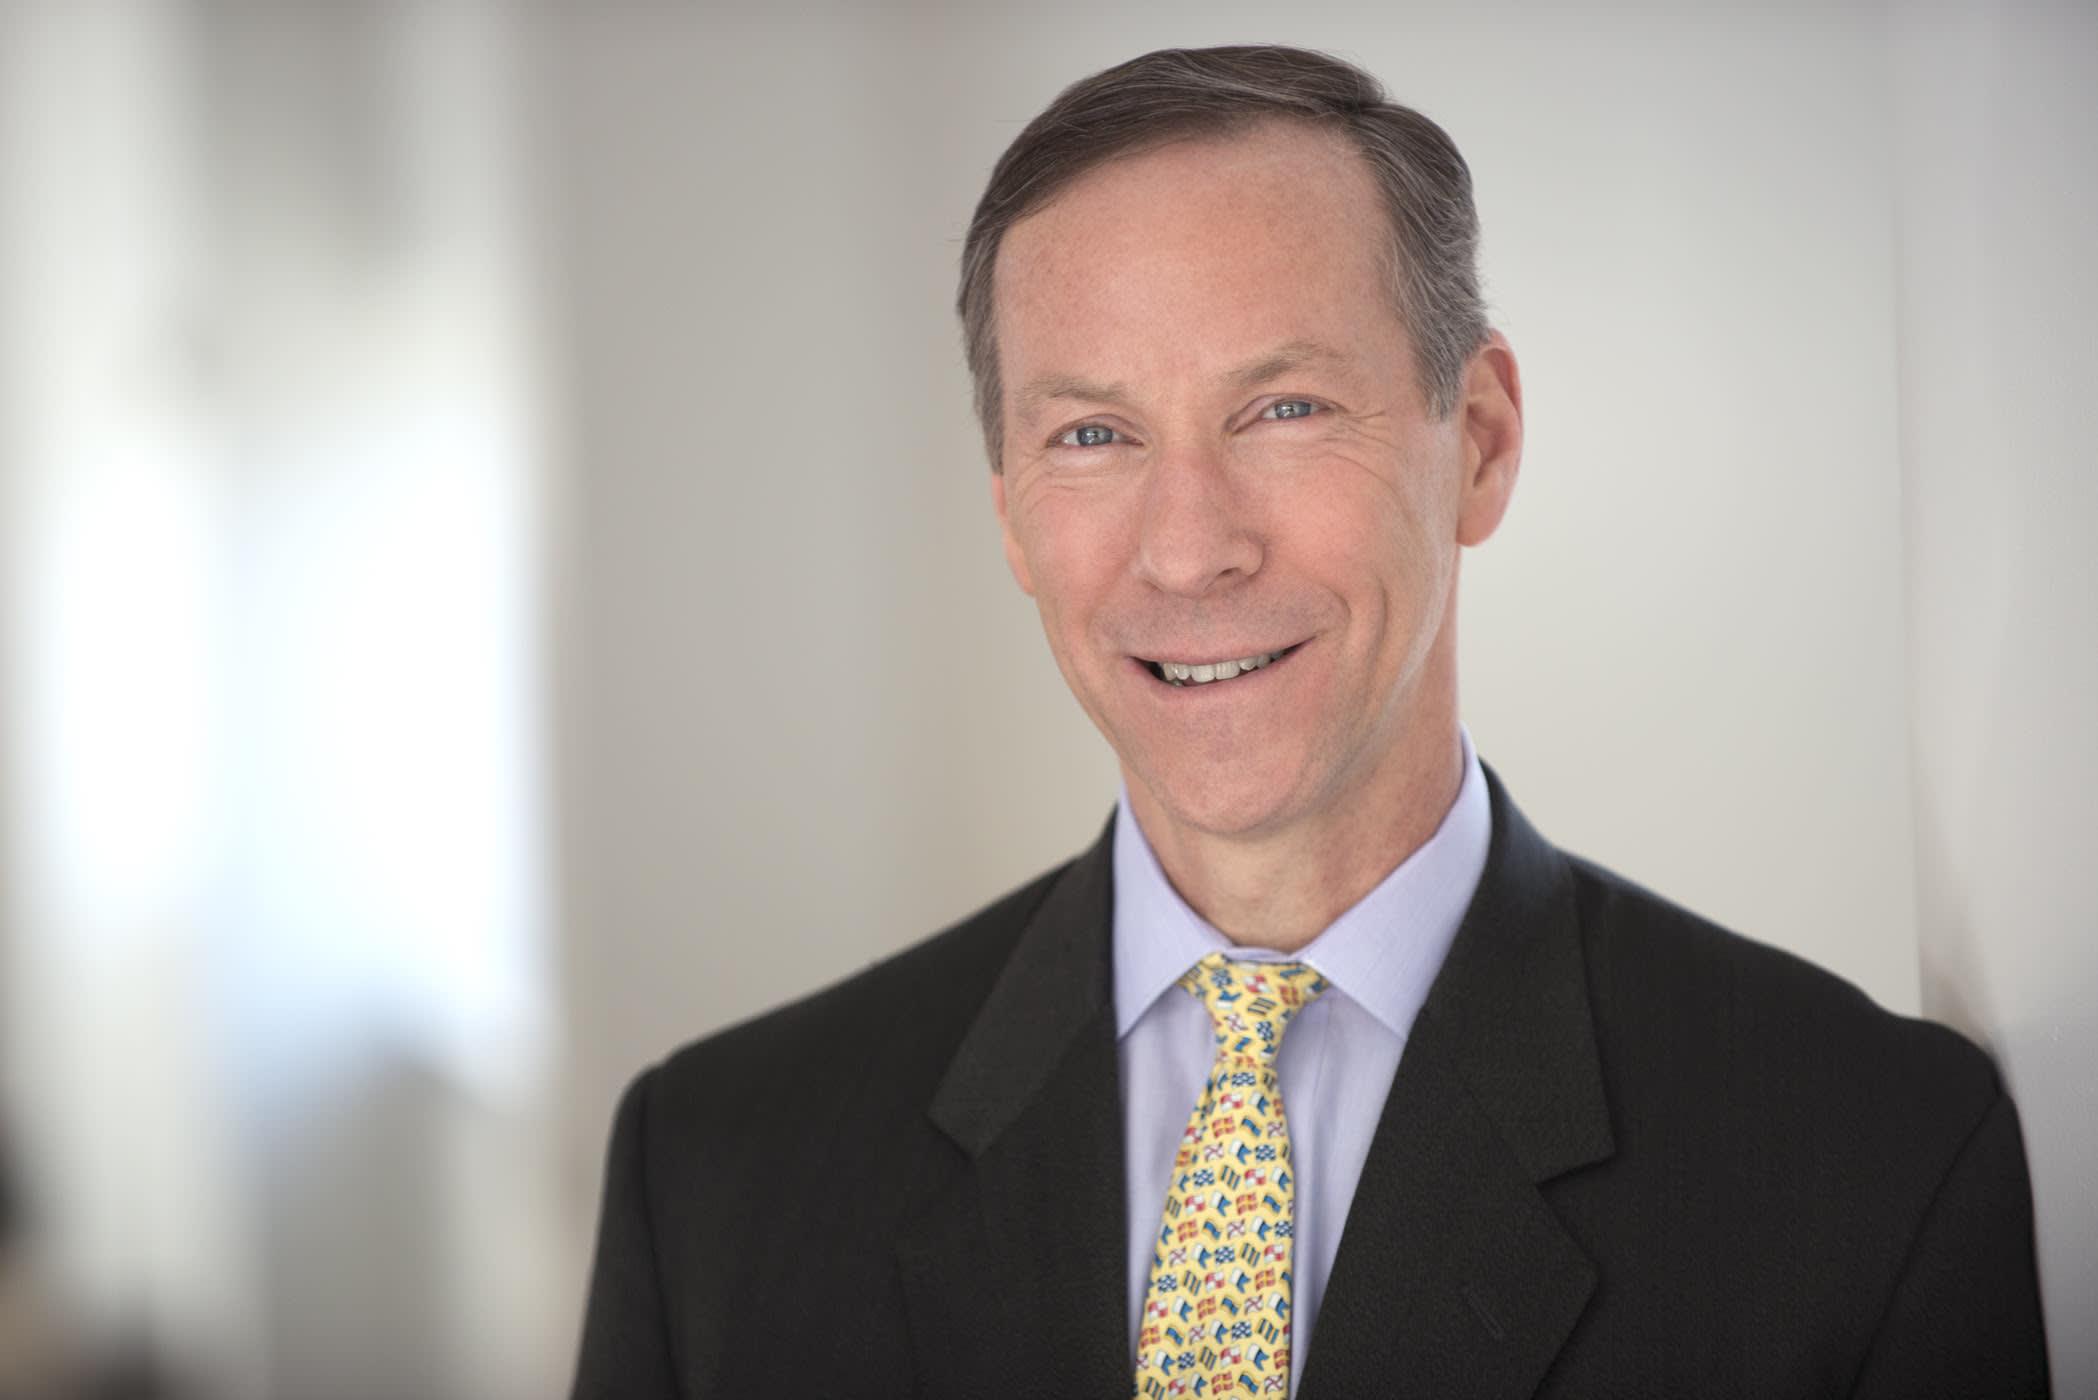 Former Vanguard CEO joins Tilney S&W board